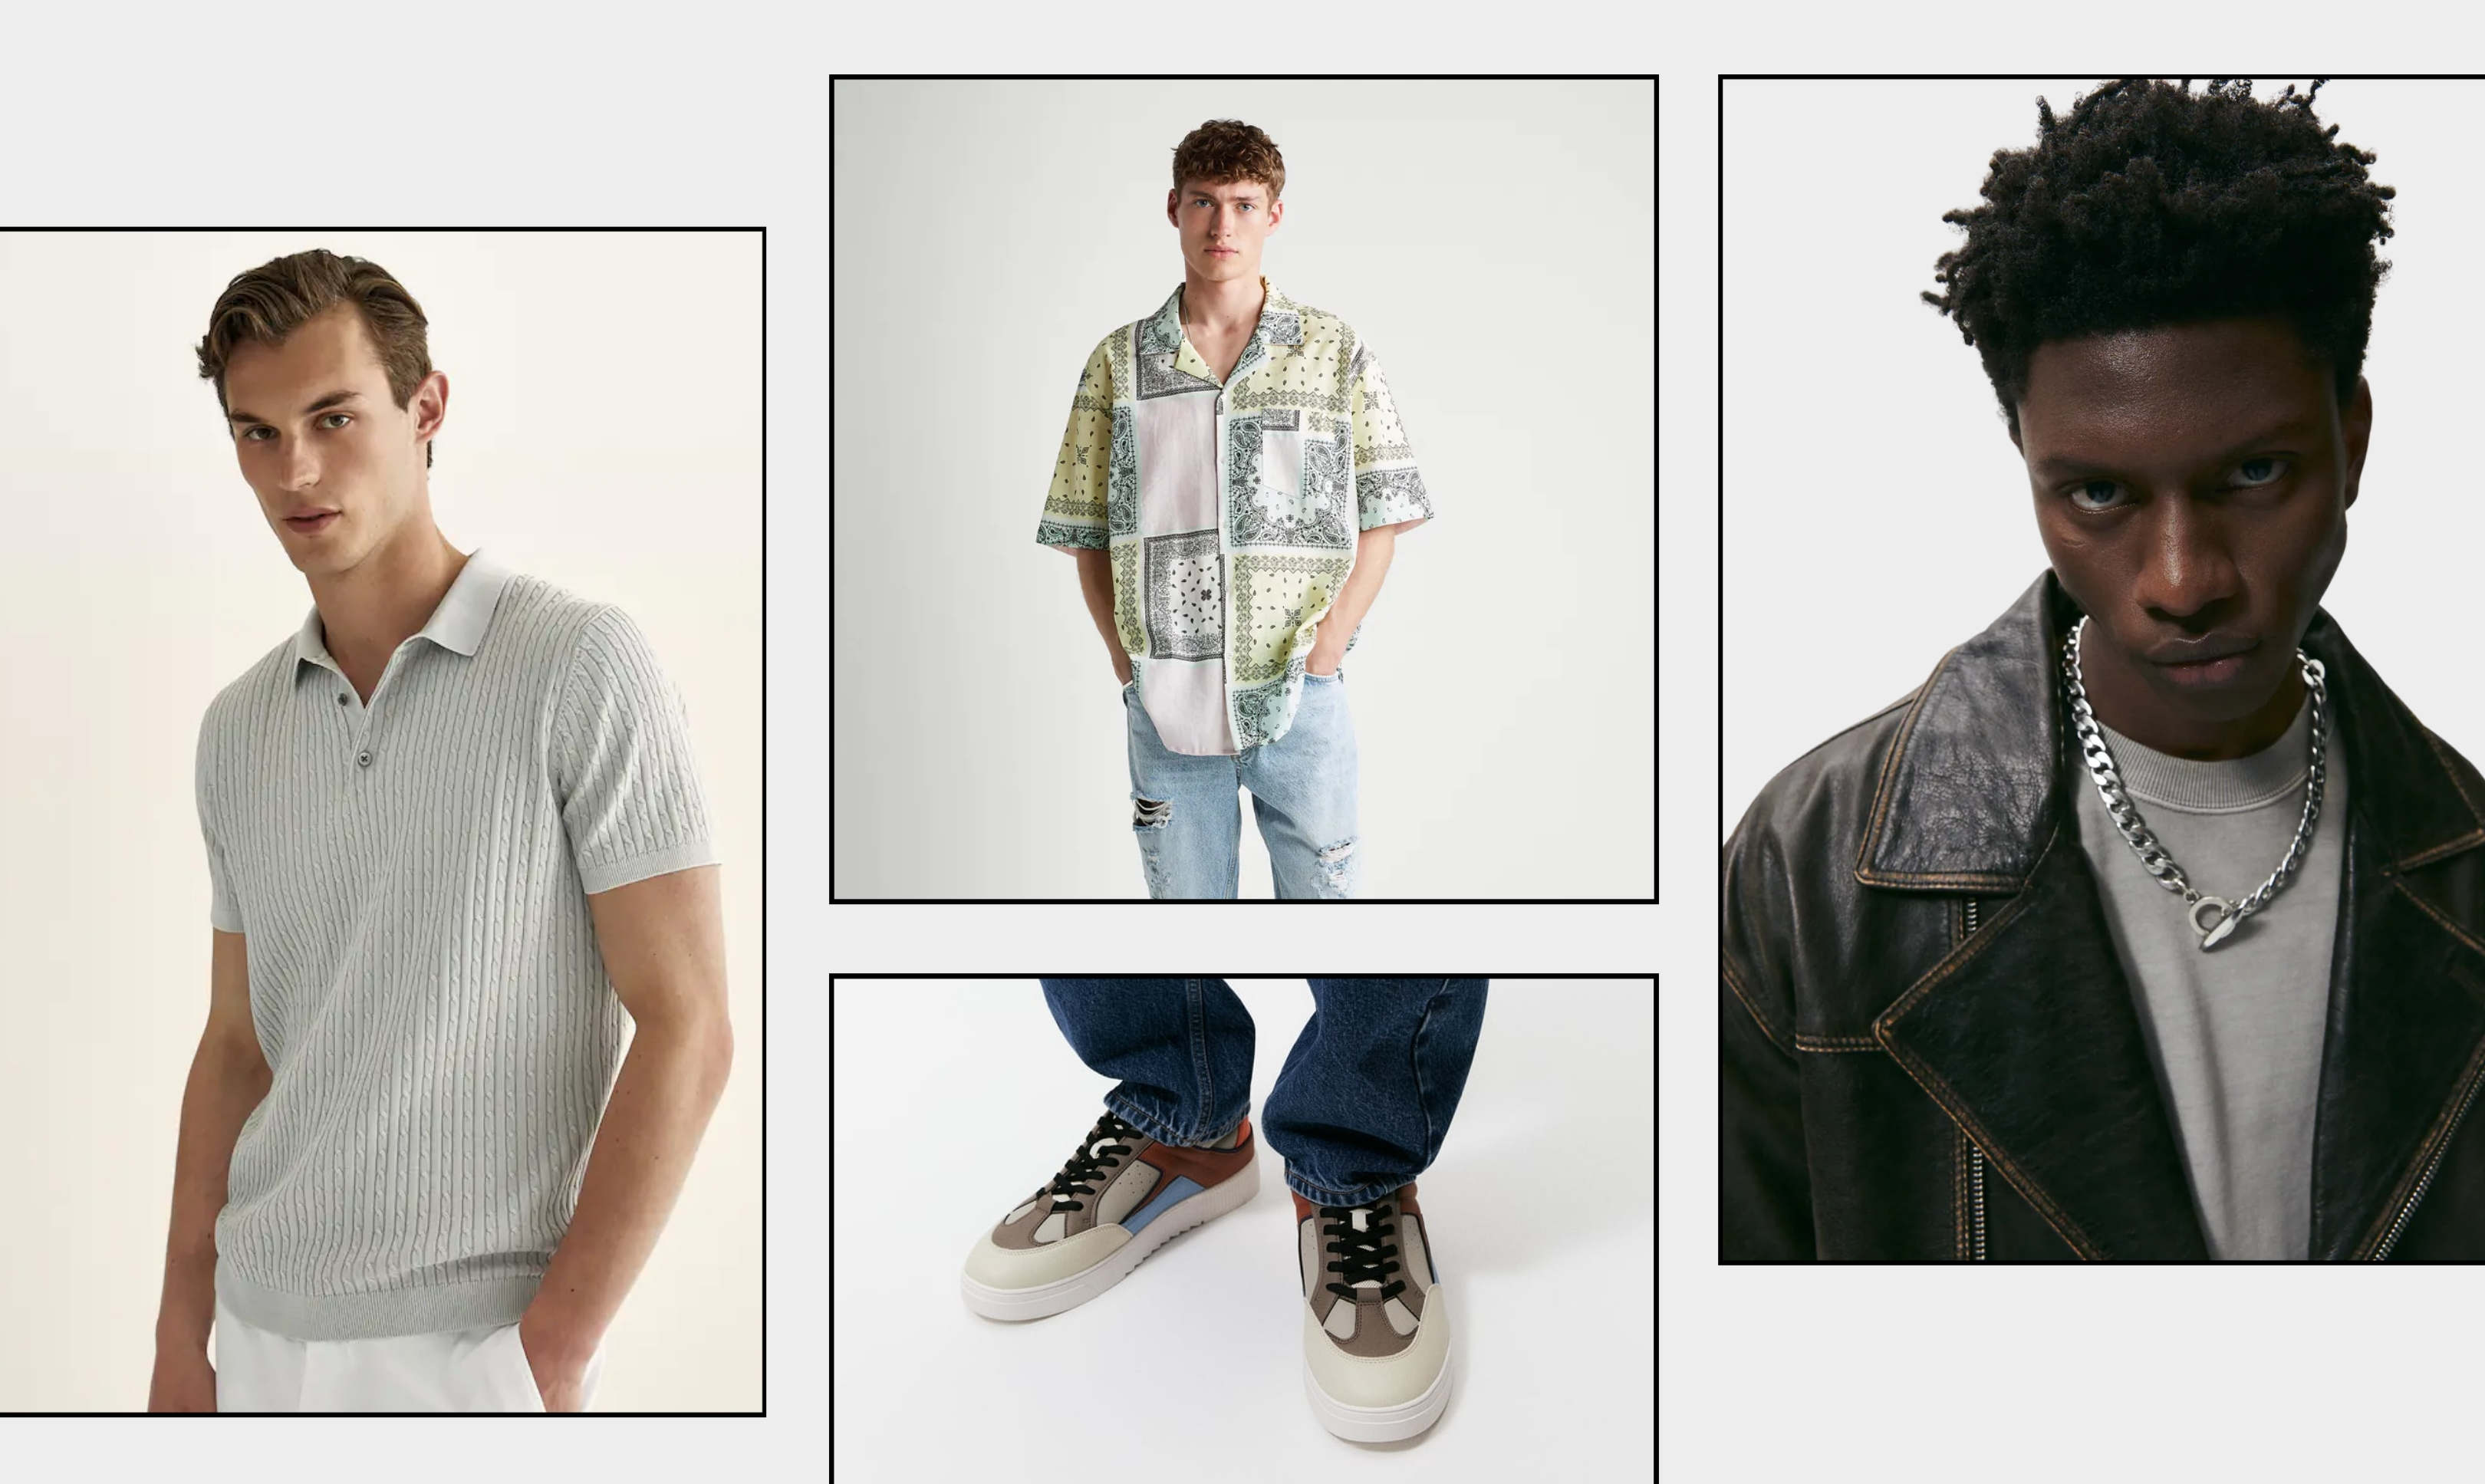 Стильные мужские образы: авторская колонка Марины Братановой